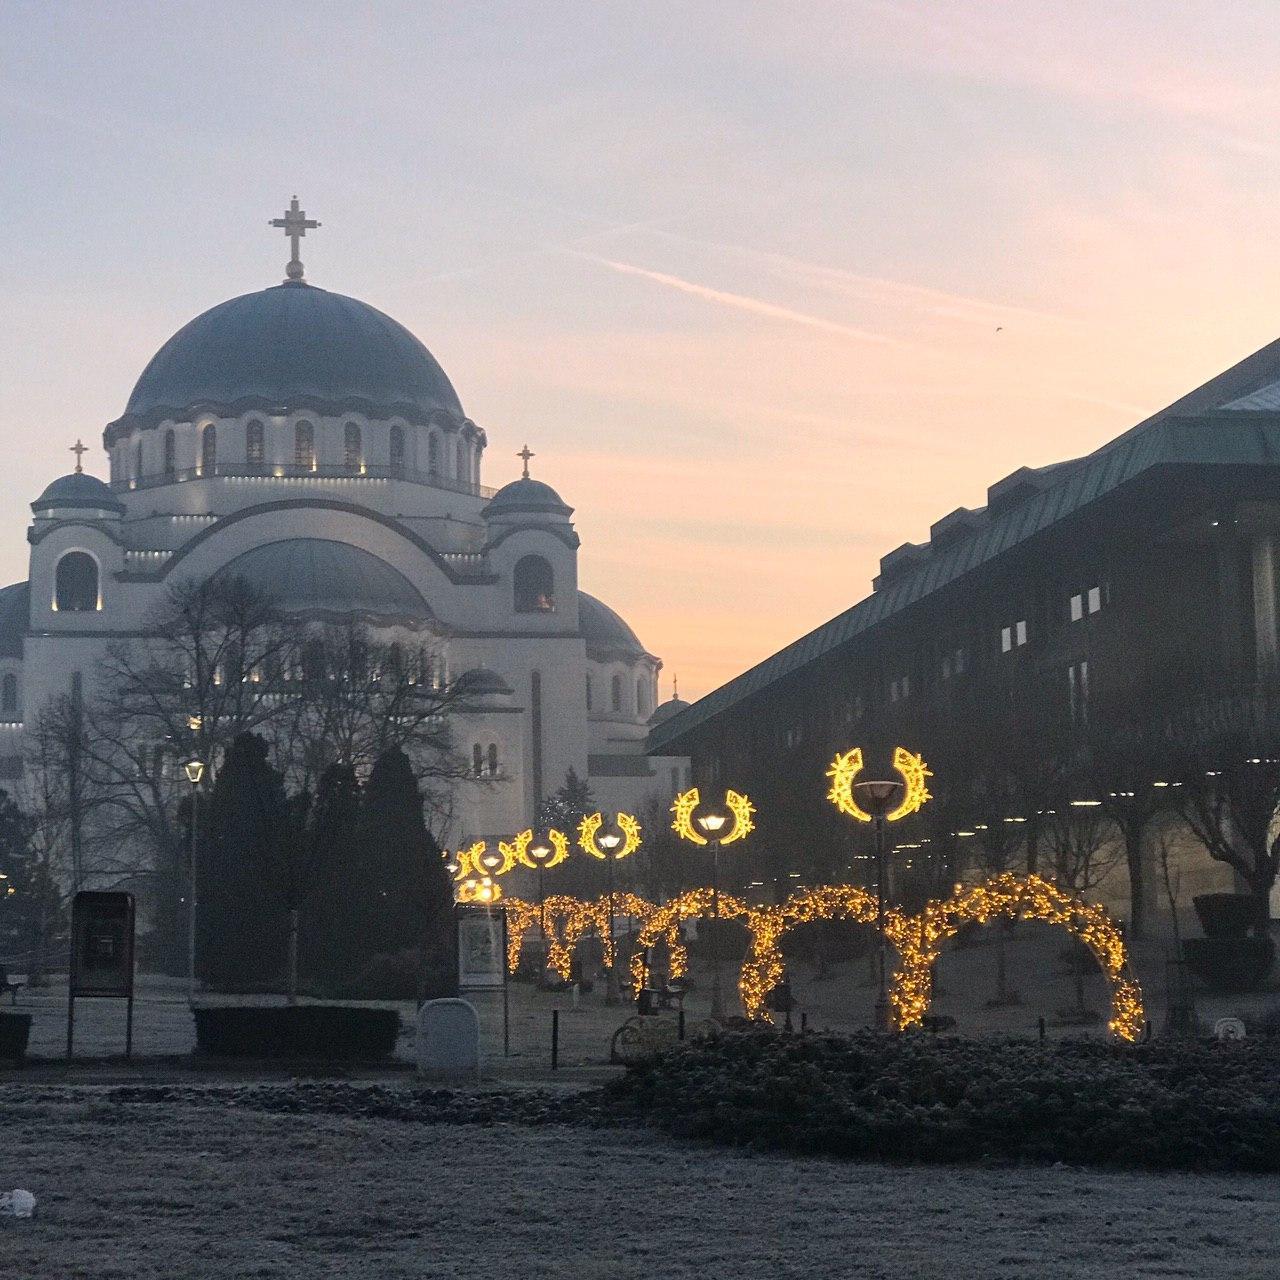 Карантин на Балканах. Как пережить коронавирус в Сербии русскому эмигранту?